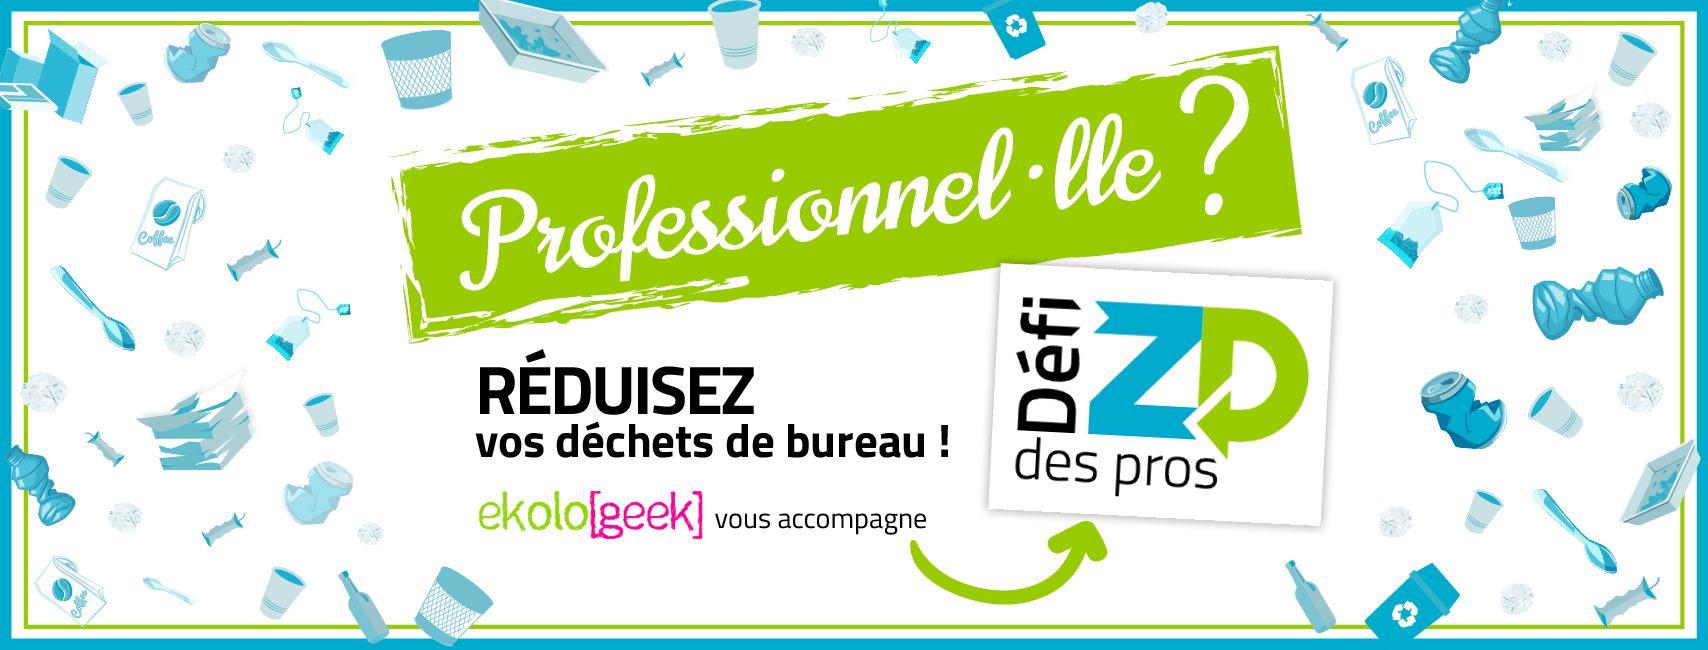 Gobi Bordeaux, en 4ème place du défi Ekolo[geek] !